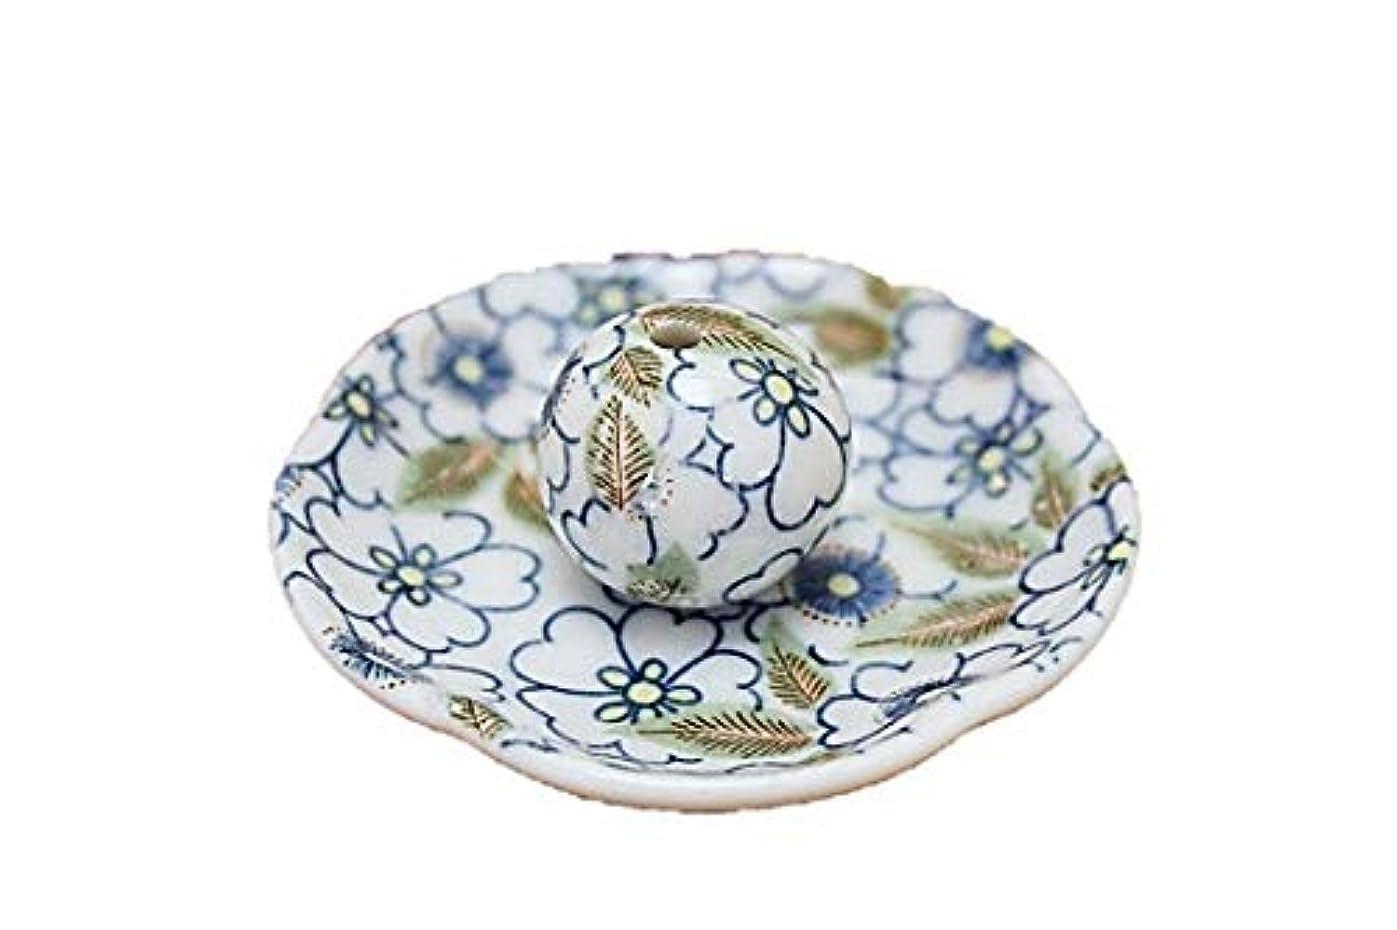 錫ファンド偽藍華柳 花形香皿 お香立て お香たて 日本製 ACSWEBSHOPオリジナル